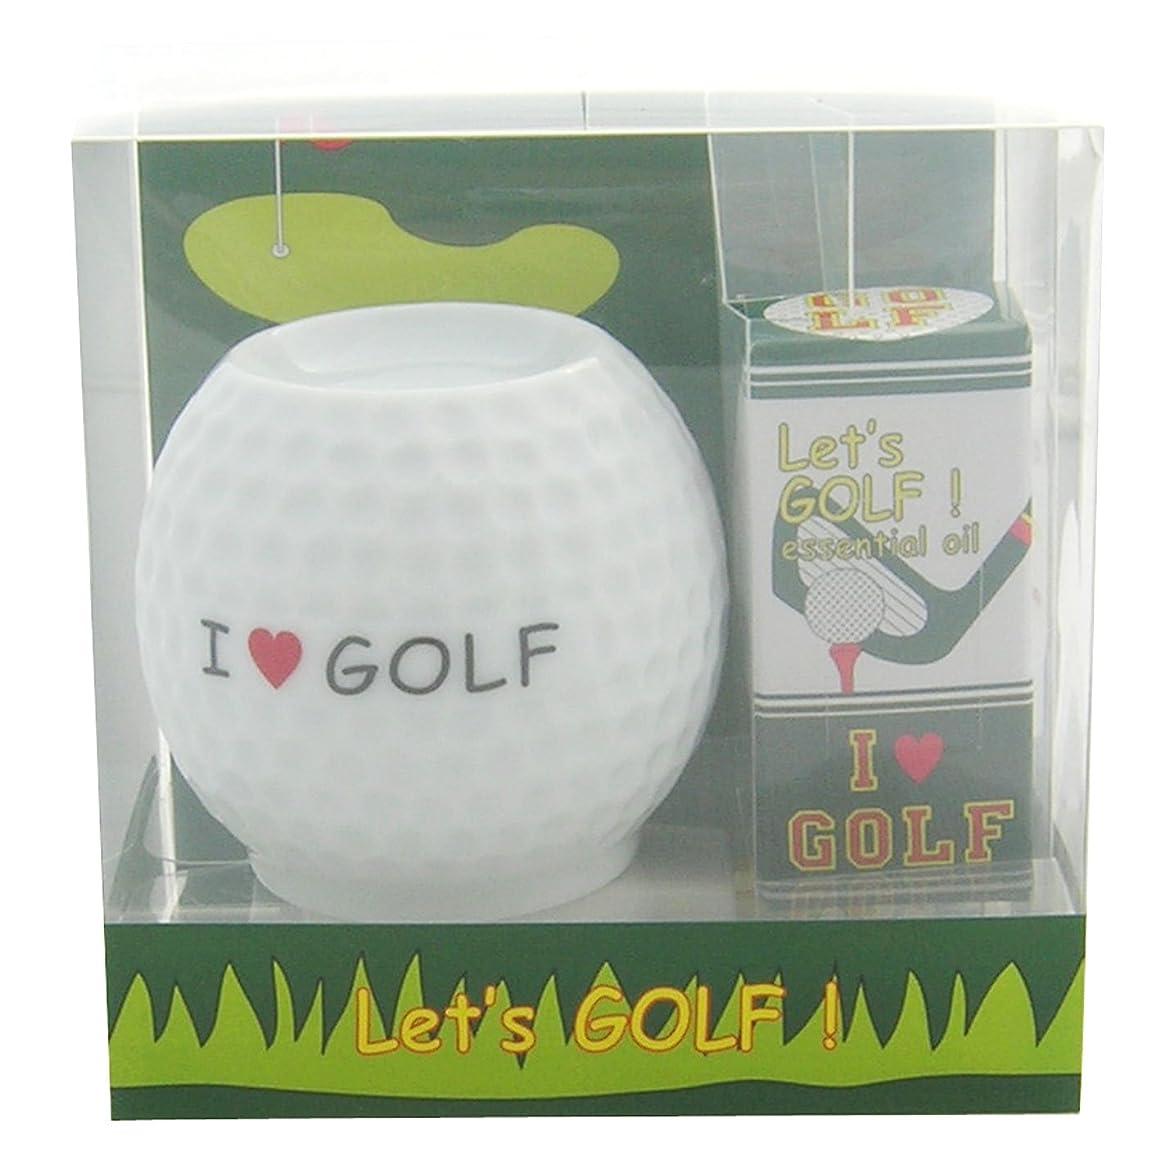 観点助けて給料フリート レッツ ゴルフ! アロマライトセット アイラヴゴルフ 4ml